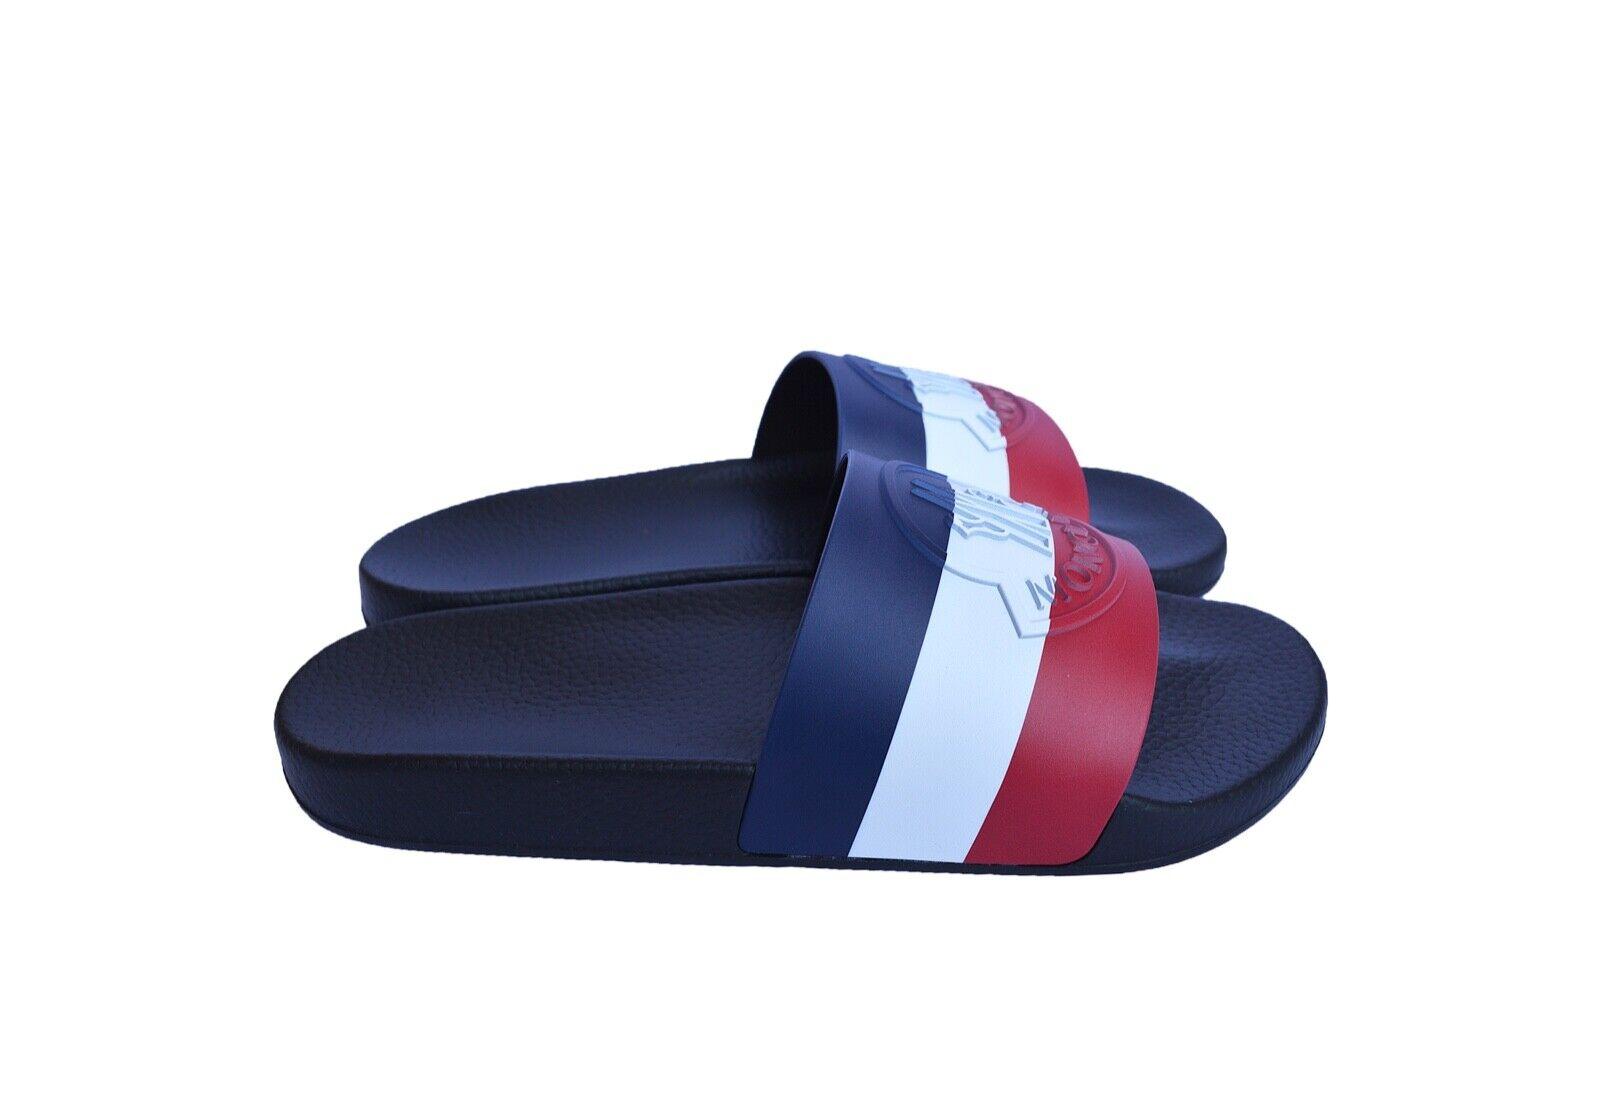 New Authentic MONCLER Mens Slippers Flip Flops Sz US12 EU45 UK11